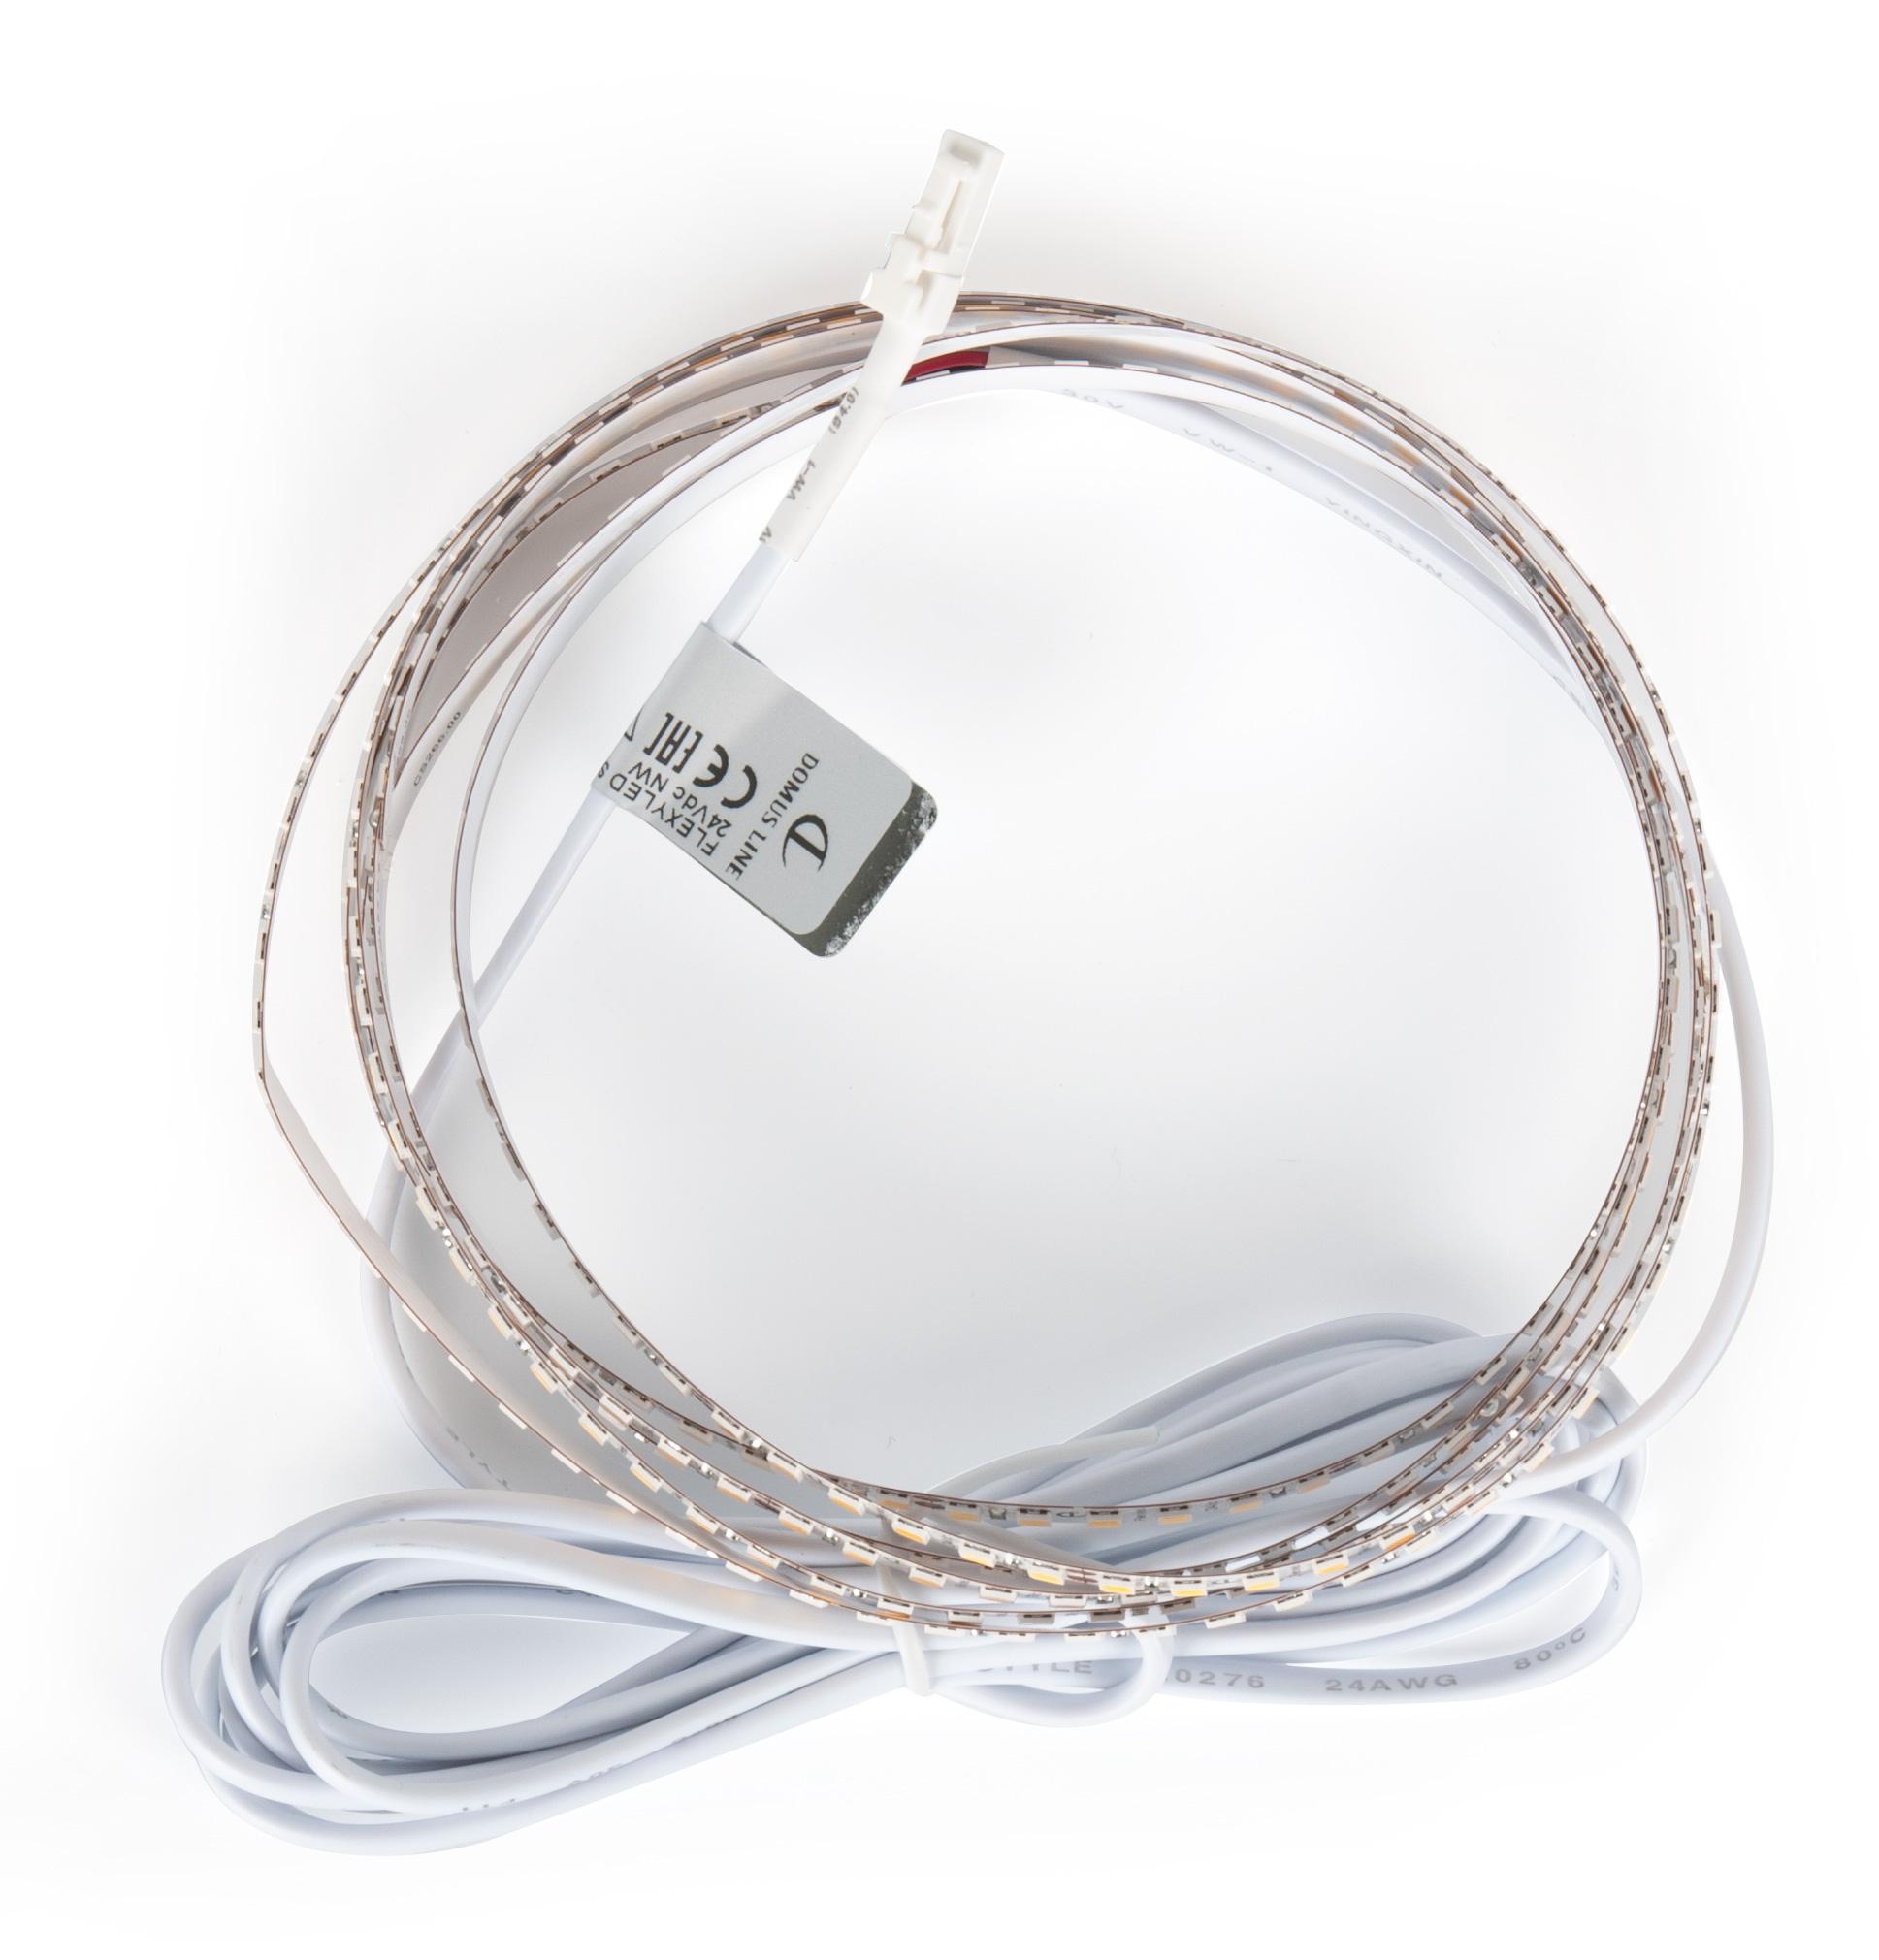 LED лента Flexyled SHE6 2000мм,  180 LED/м, IP20, 28,8Bт, 24B, каб. 2м с раз. Micro, свет натуральный 2000х6х4мм